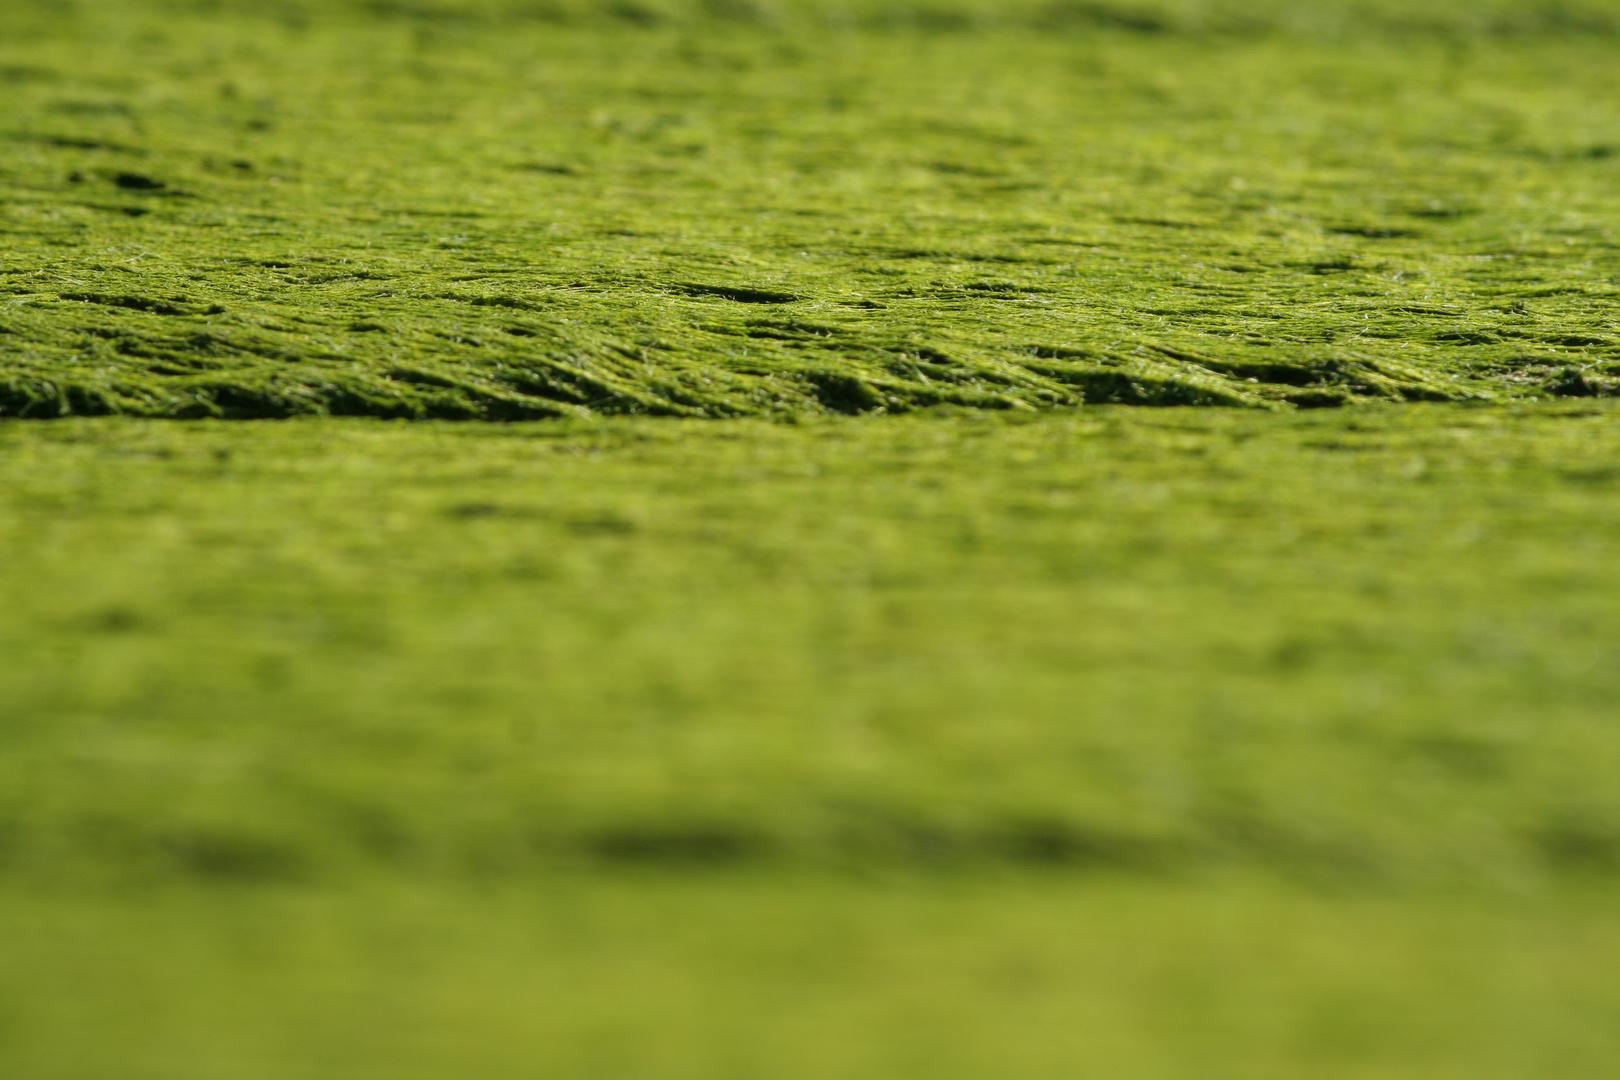 -- Kleine, grüne Landschaft --